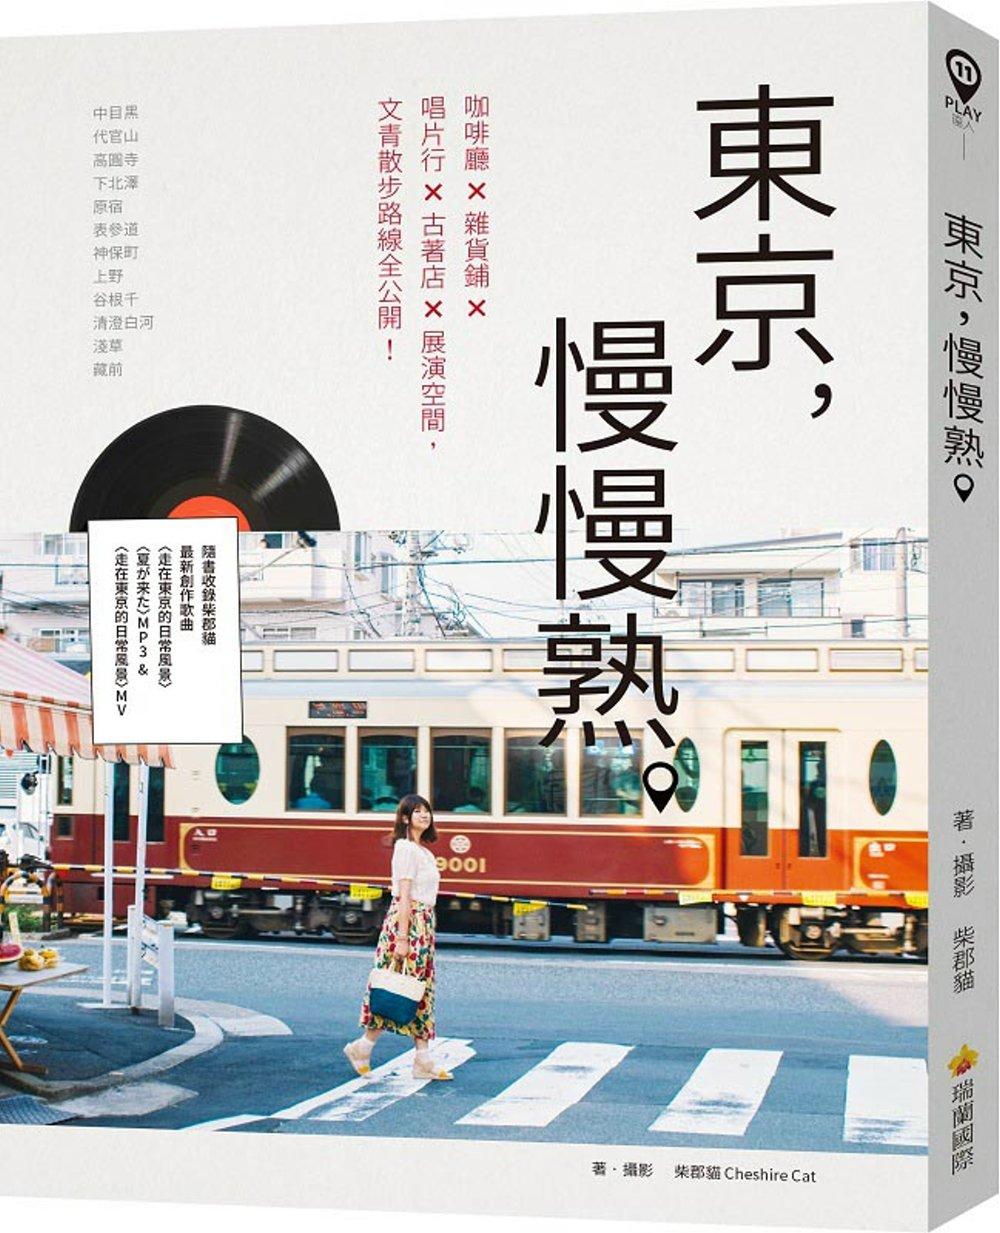 ◤博客來BOOKS◢ 暢銷書榜《推薦》東京,慢慢熟。(隨書收錄柴郡貓最新創作歌曲〈走在東京的日常風景〉、〈夏が來た〉MP3 & 〈走在東京的日常風景〉MV〉